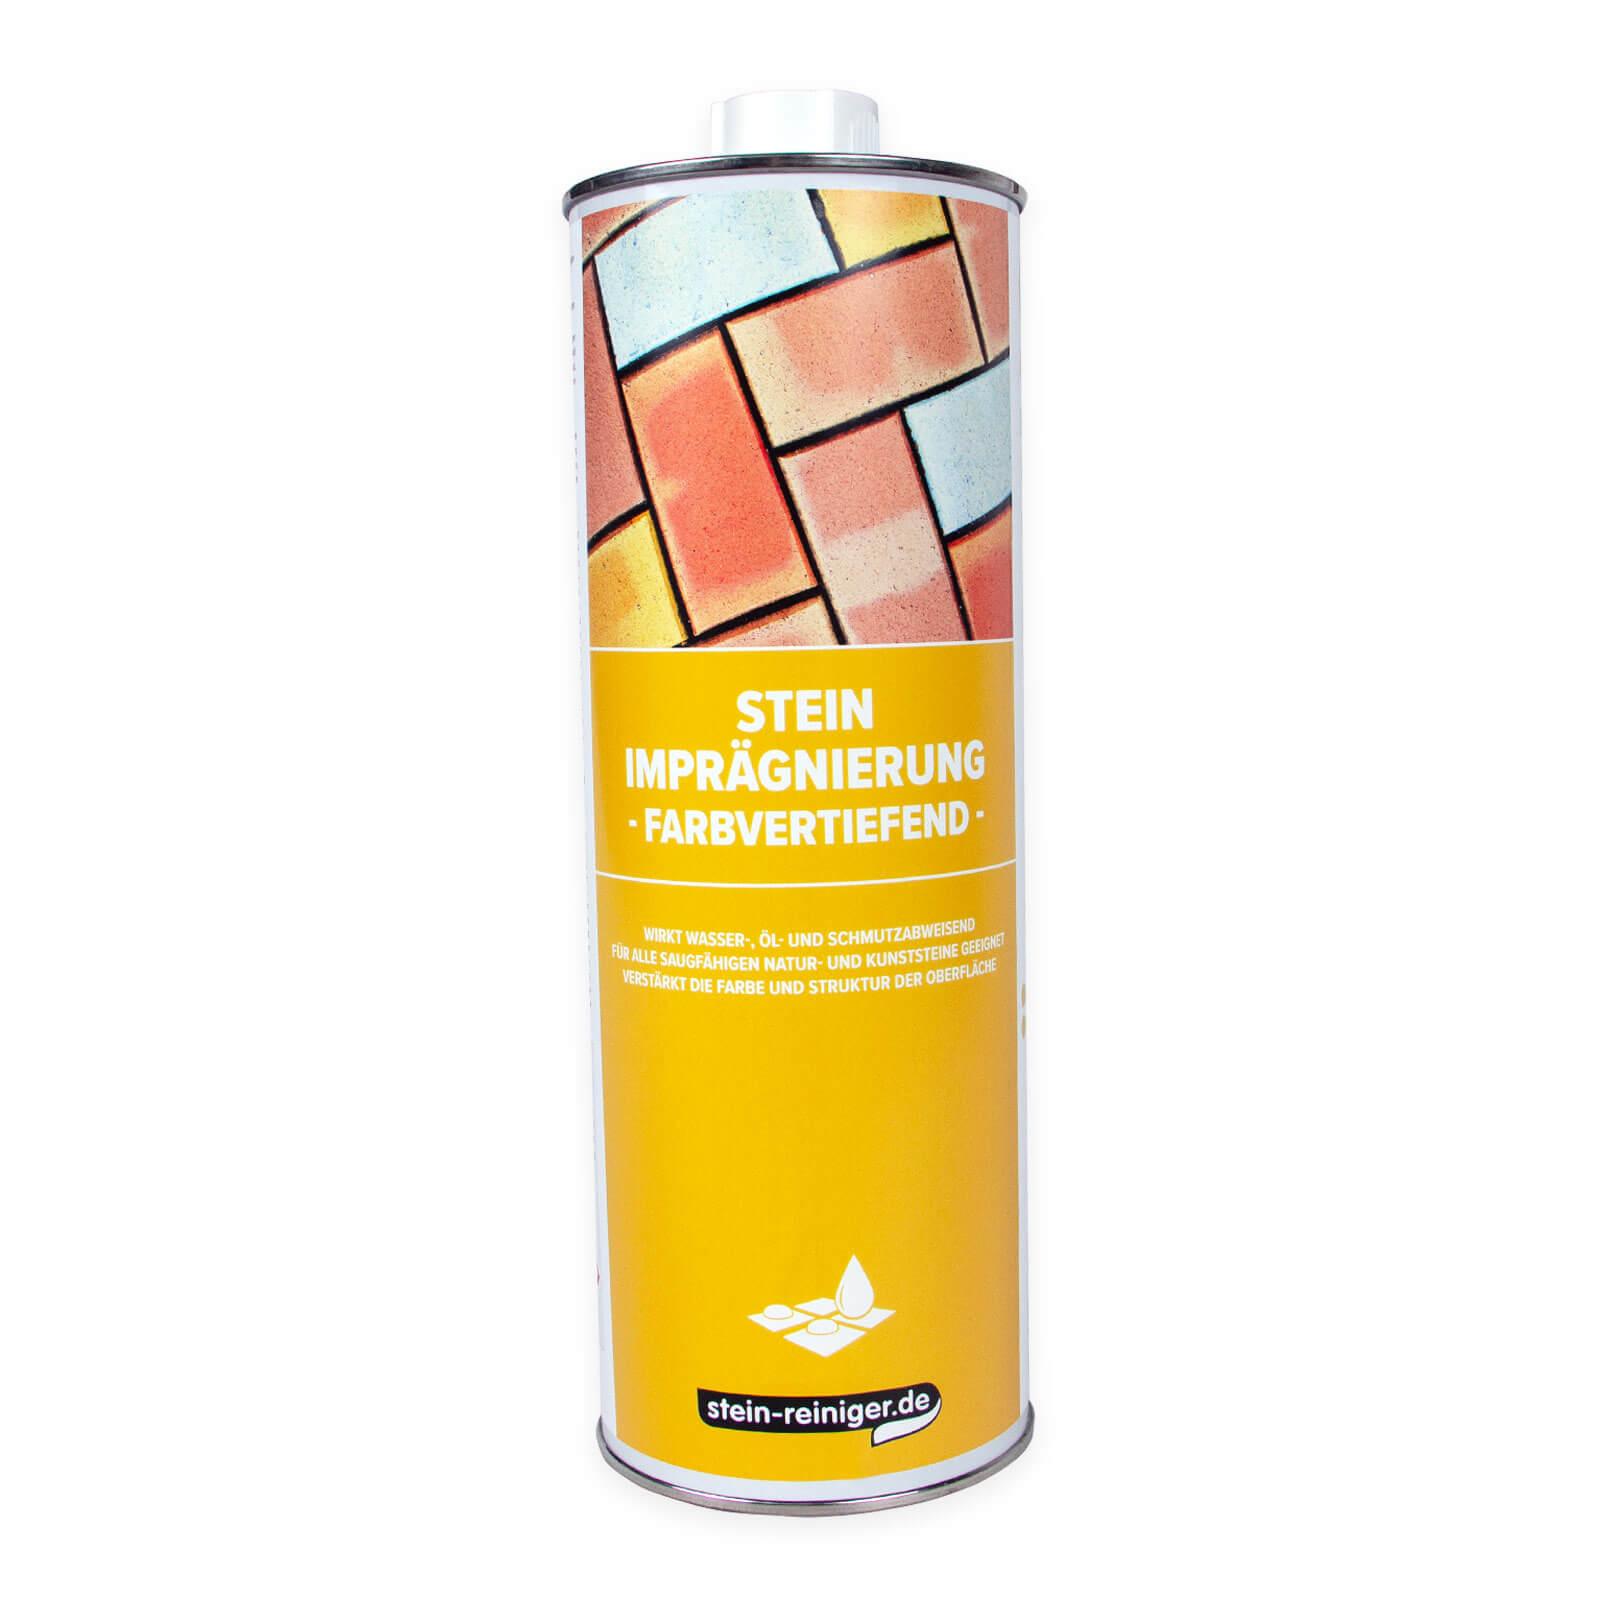 stein-reiniger.de: Stein Imprägnierung farbvertiefend 1 L - Für alle saugfähigen Natur- und Kunststeine geeignet